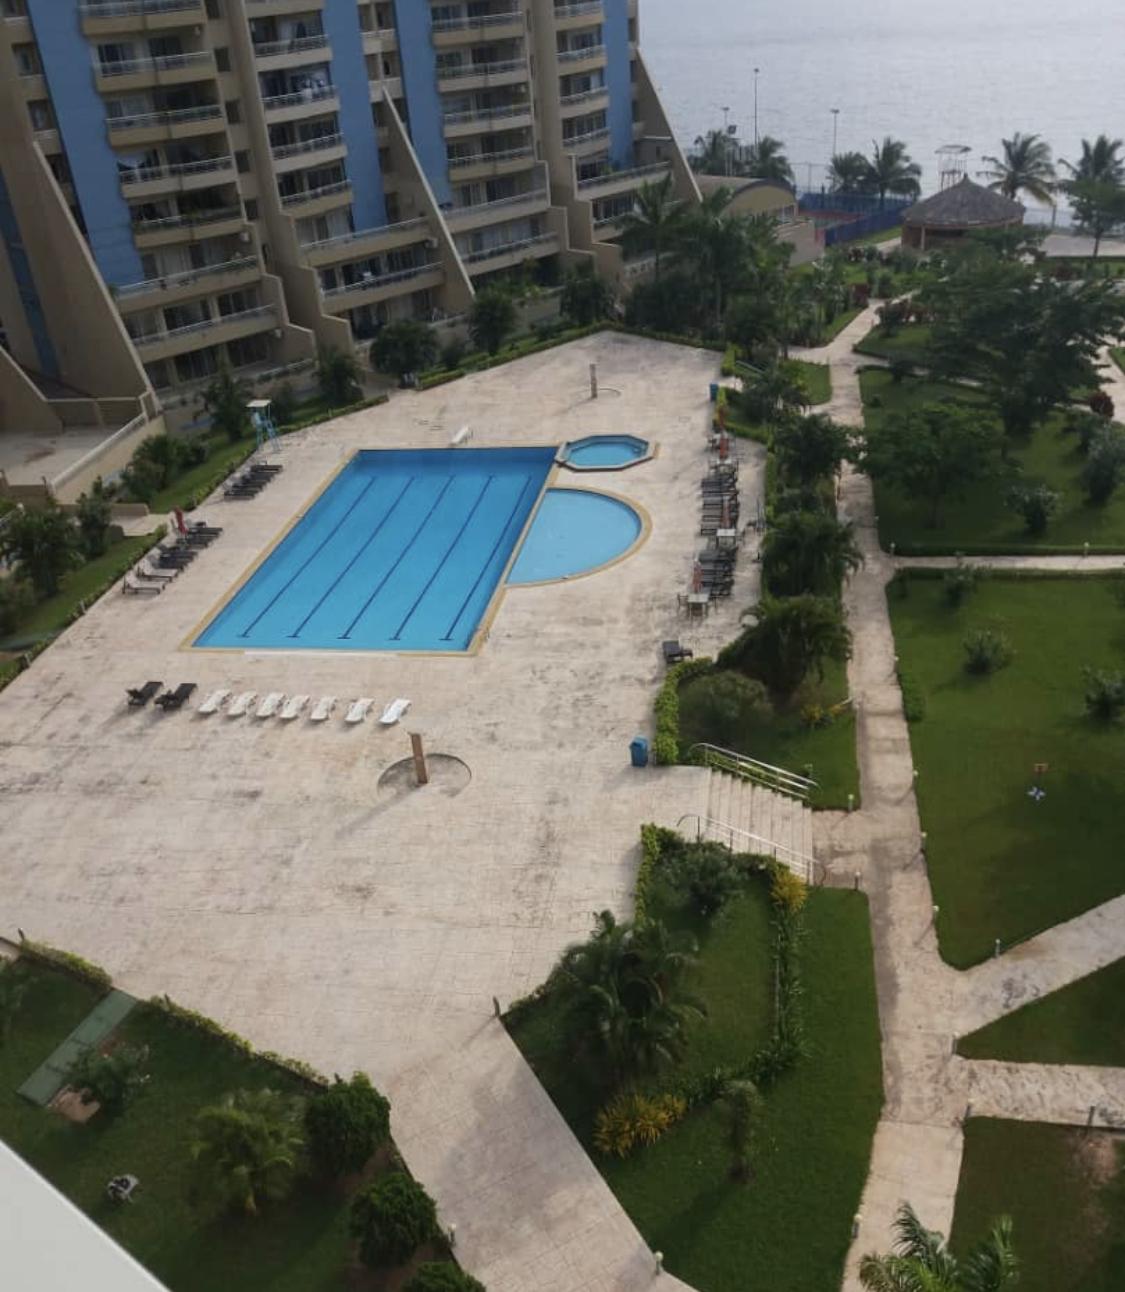 Pool at Banana Island Apartments